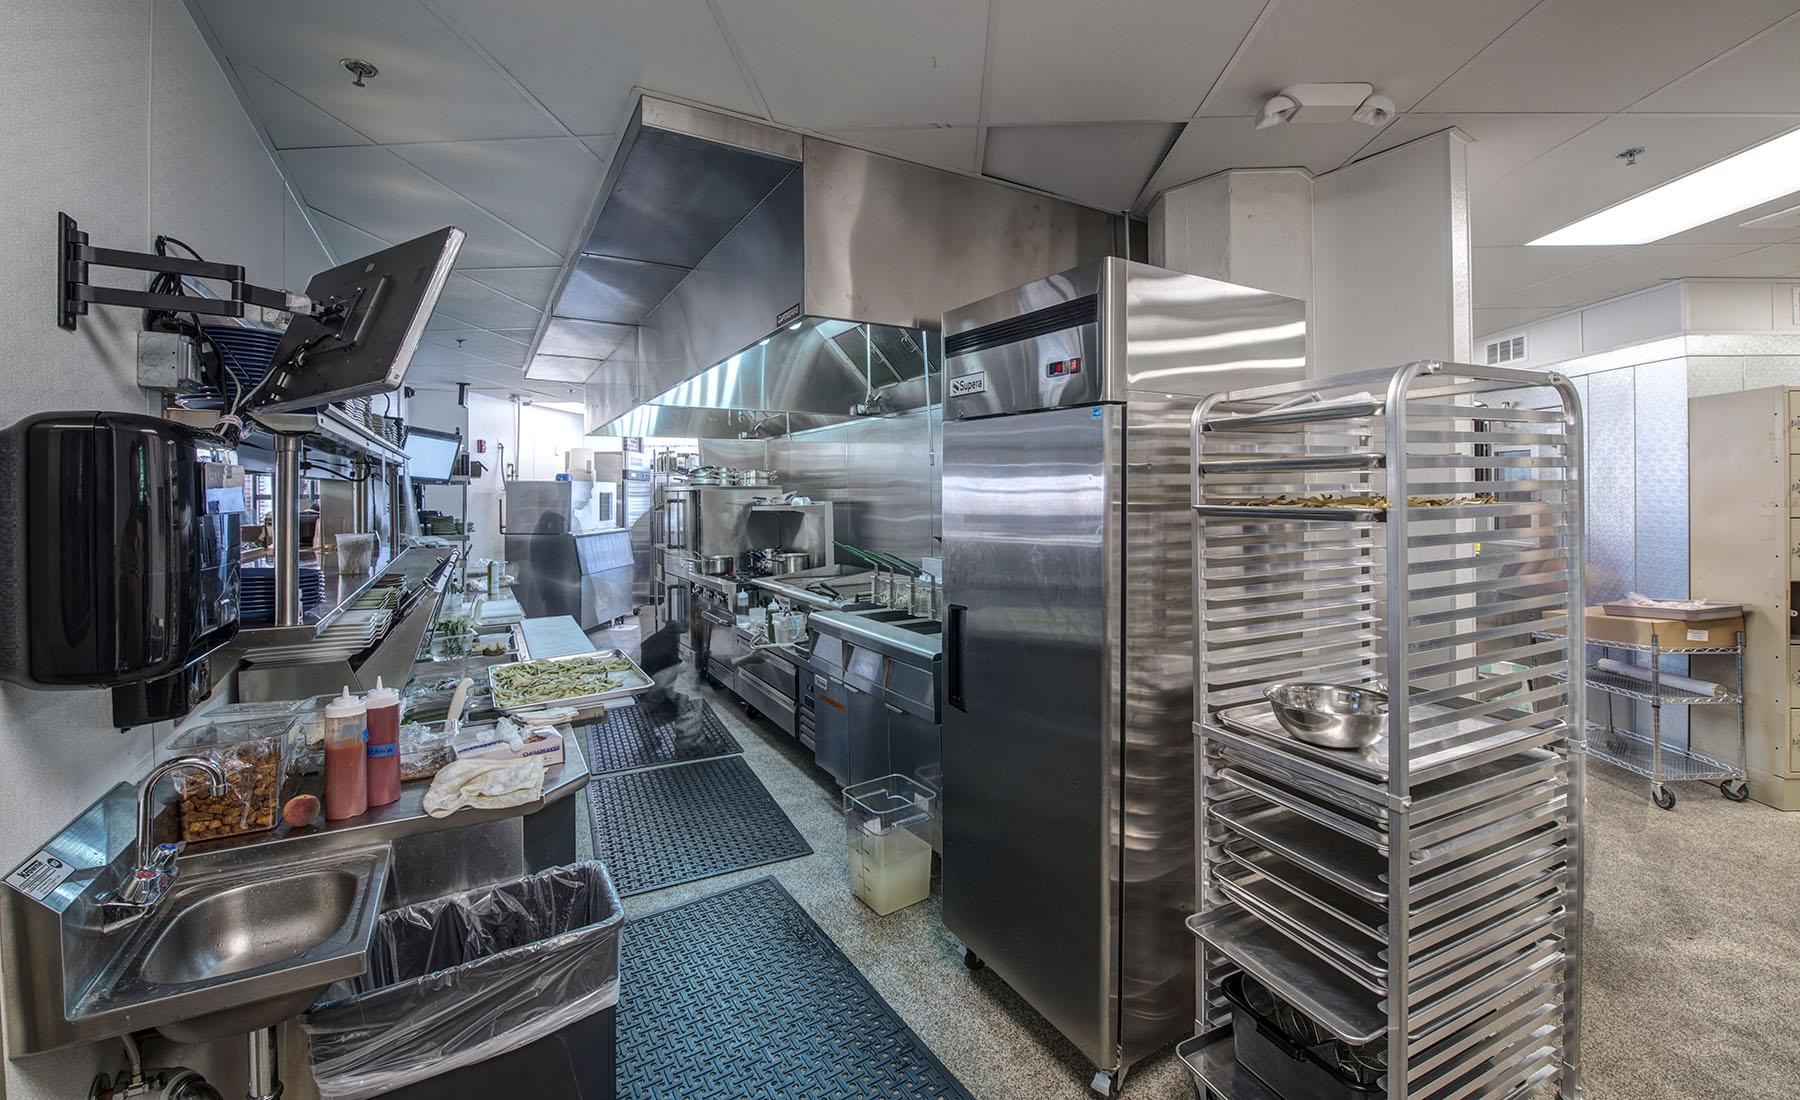 gallery-2162-kitchen1.jpg